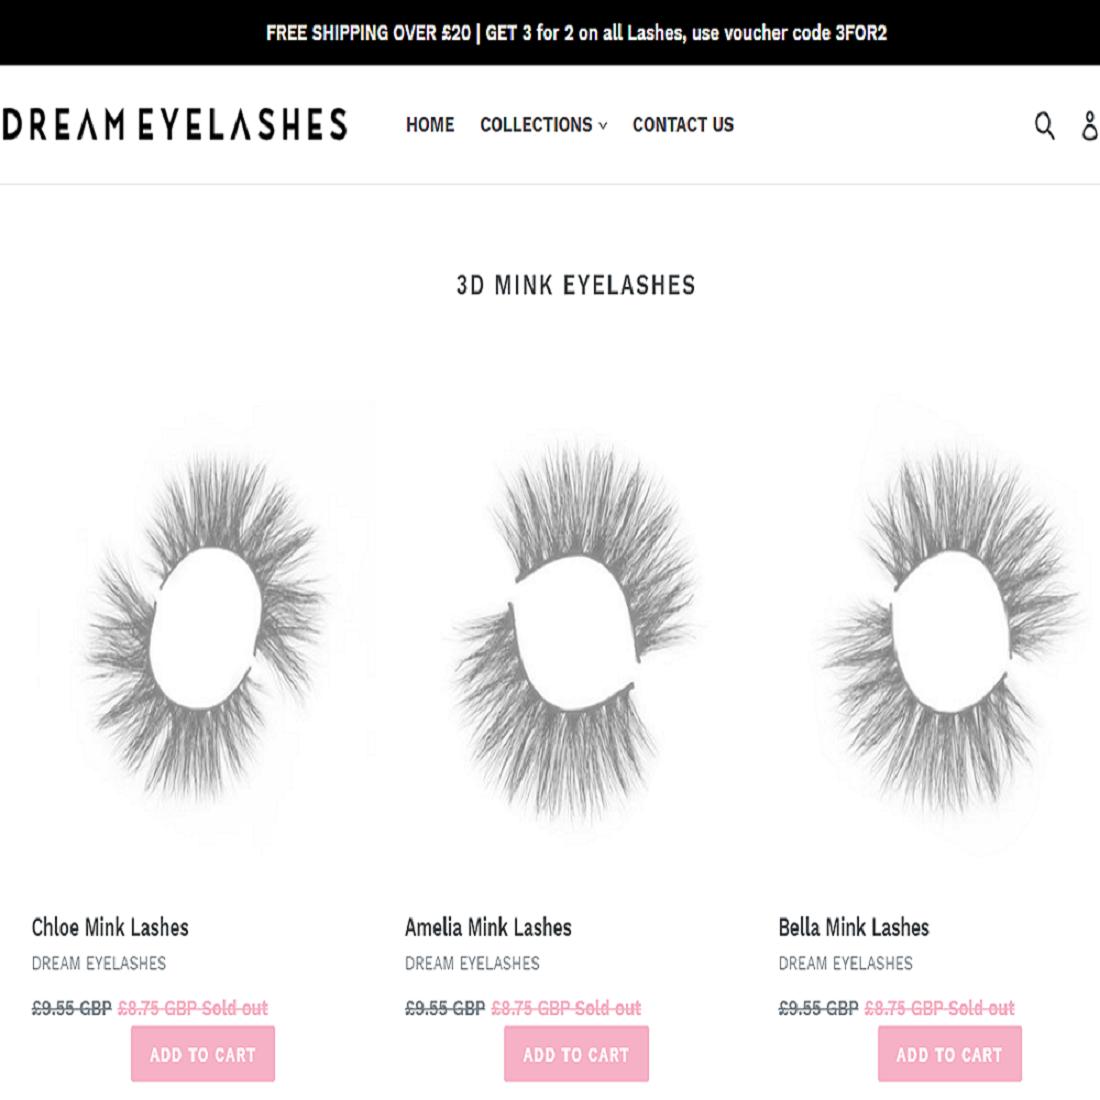 Dreameyelashes